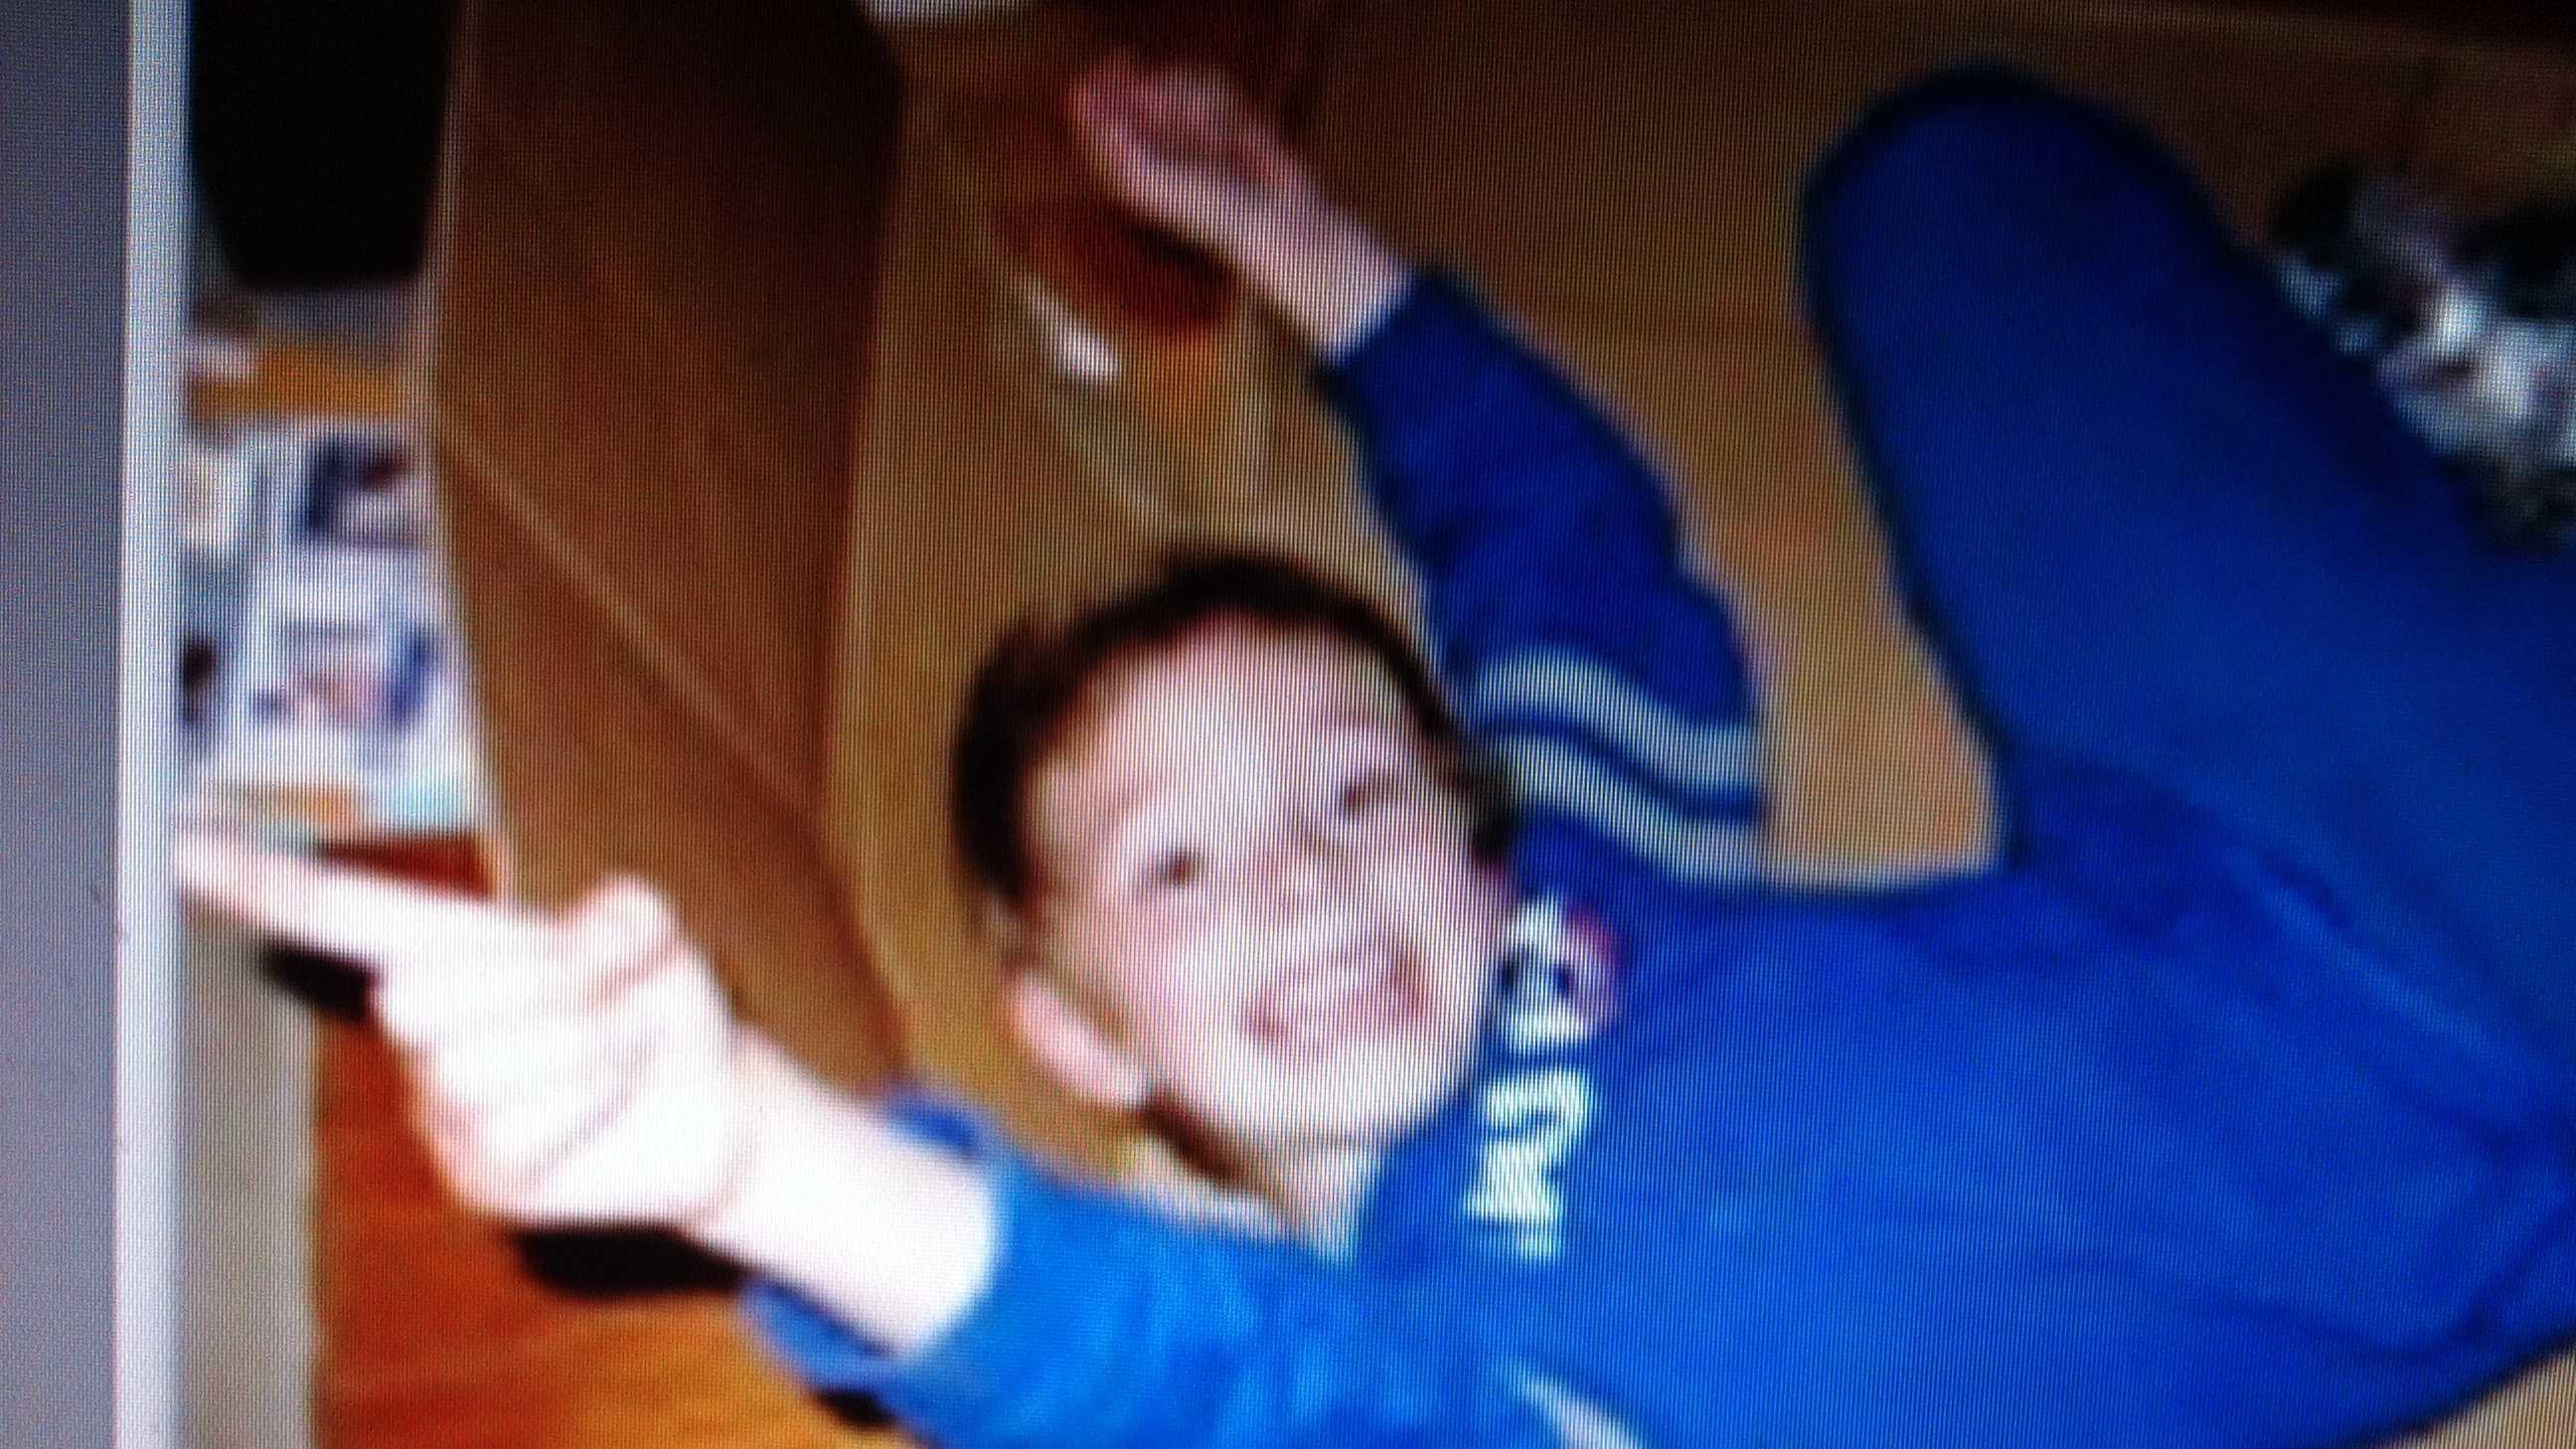 Dylan Gold at 6